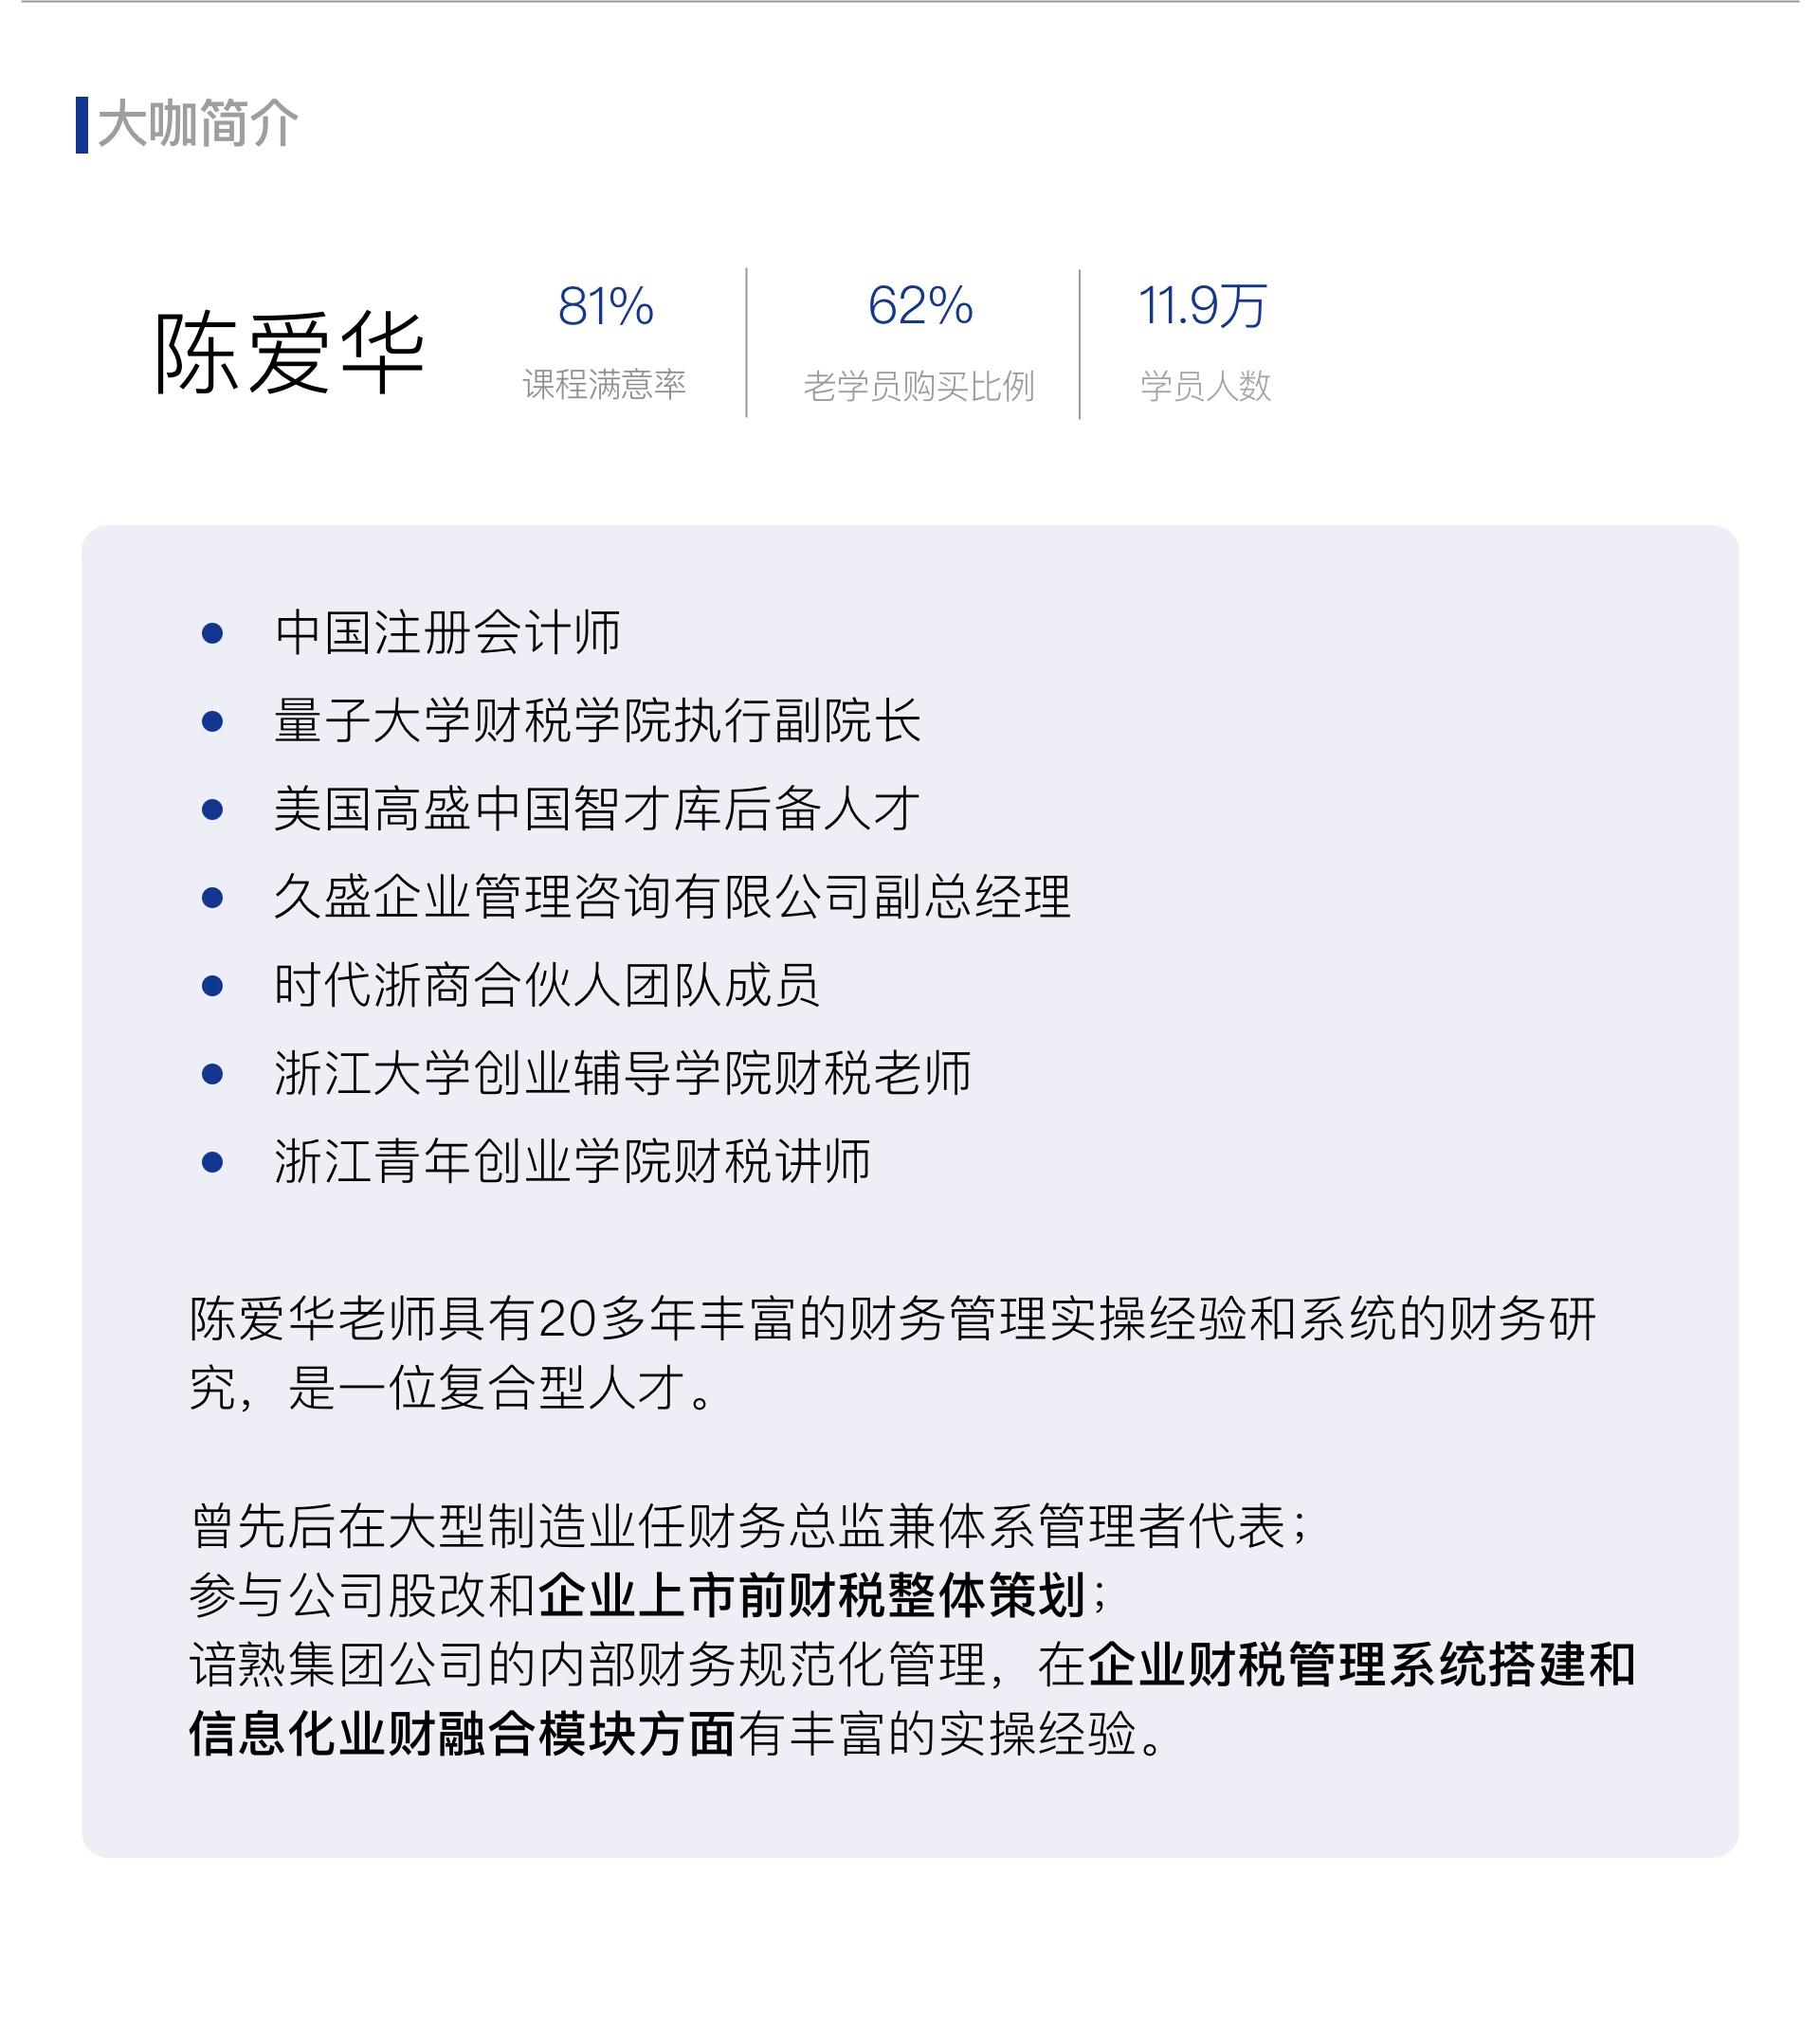 陈爱华 主讲人.jpg